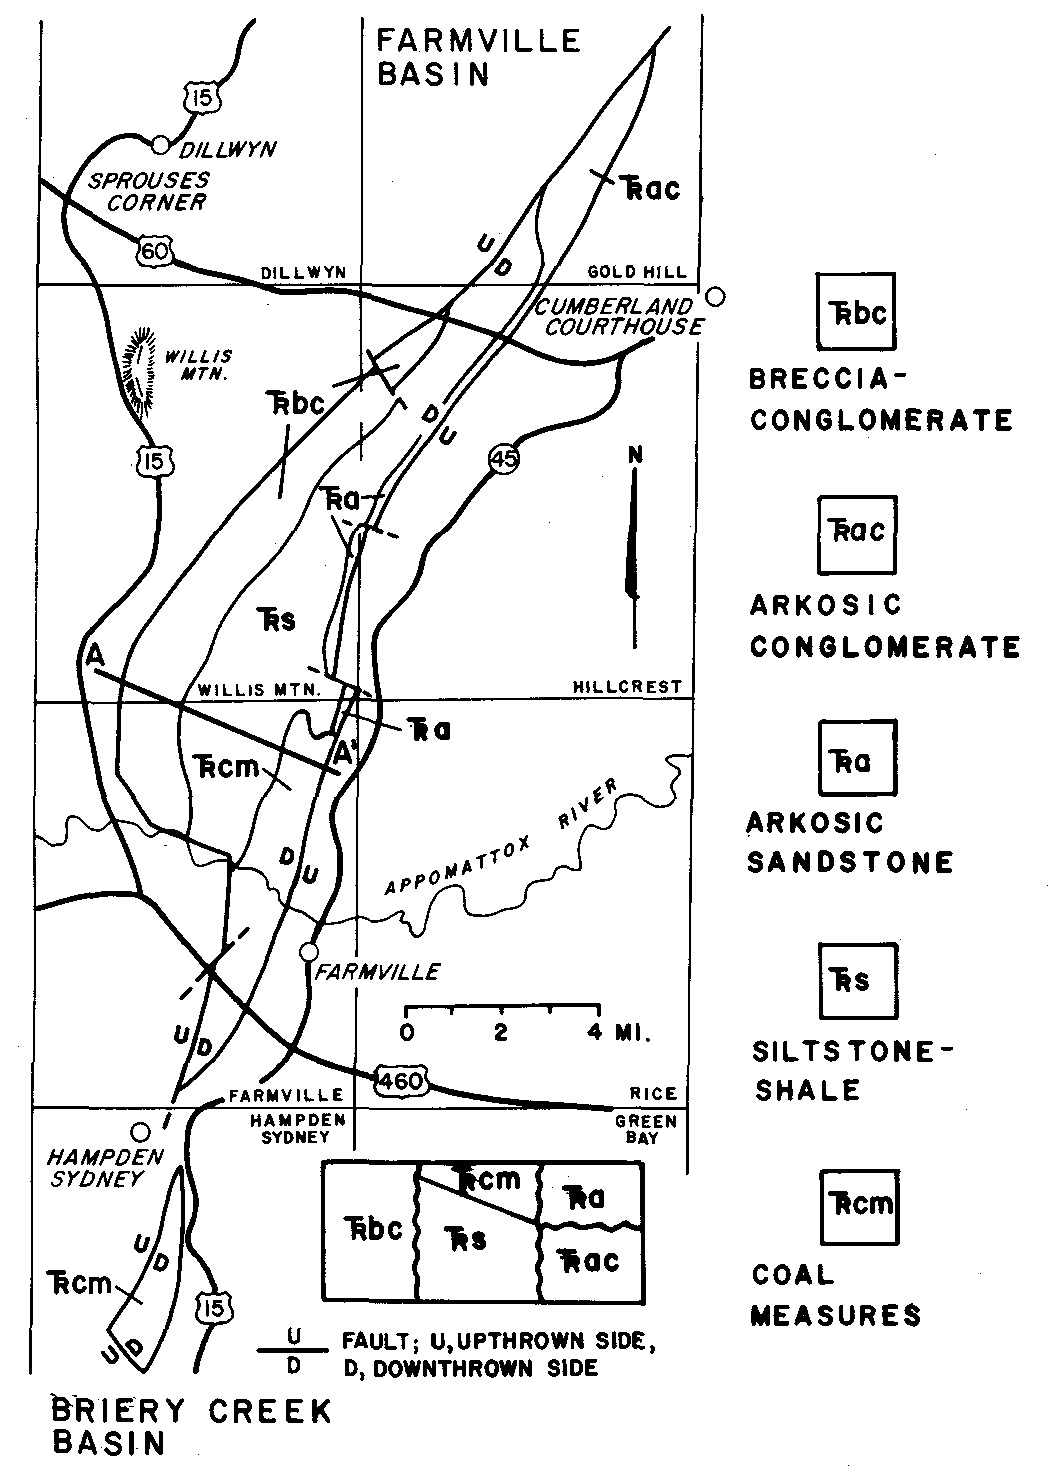 Farmville Basin